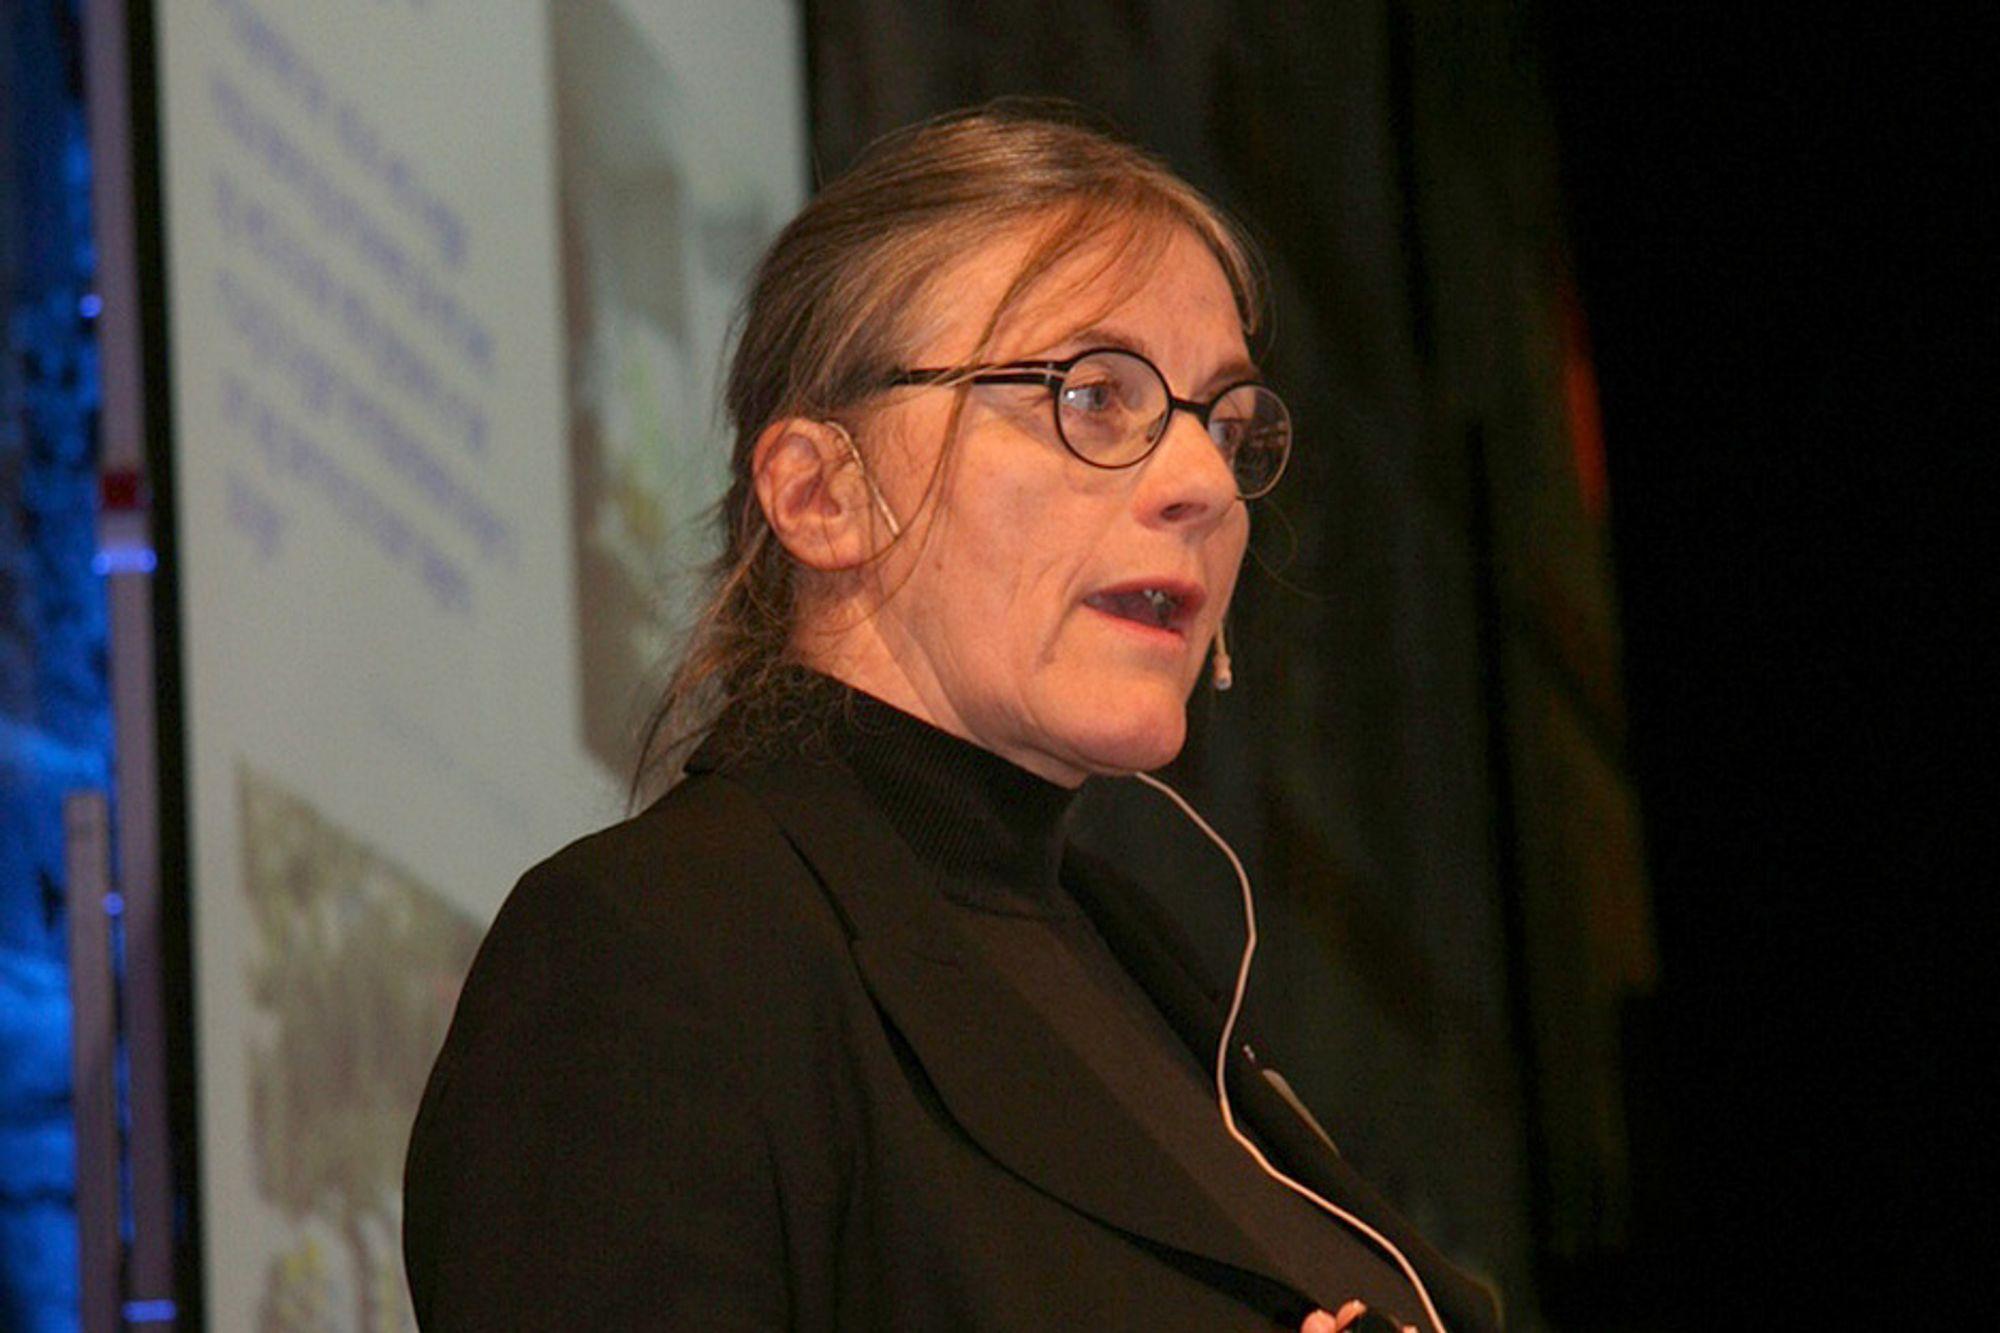 KRITISK: Professor Anne Grete Hestnes er kritisk til å pøse på med tekniske dingser uten å tenke helhet. - Ingeniører og arkitekter må bli flinkere til å arbeide sammen fra starten, sier hun.